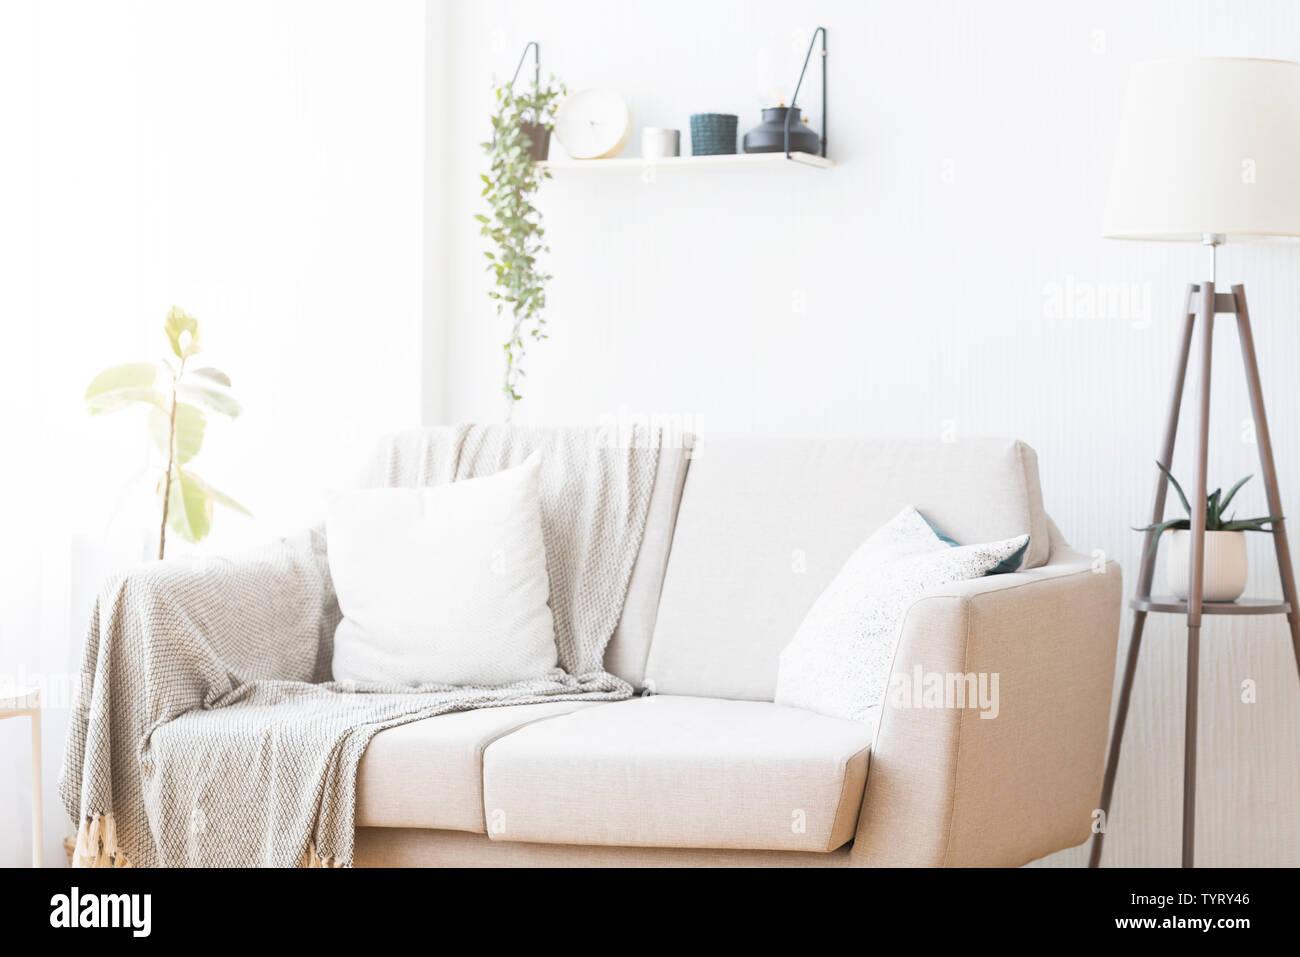 Interni dal design moderno di soggiorno con confortevole arredamento Foto Stock